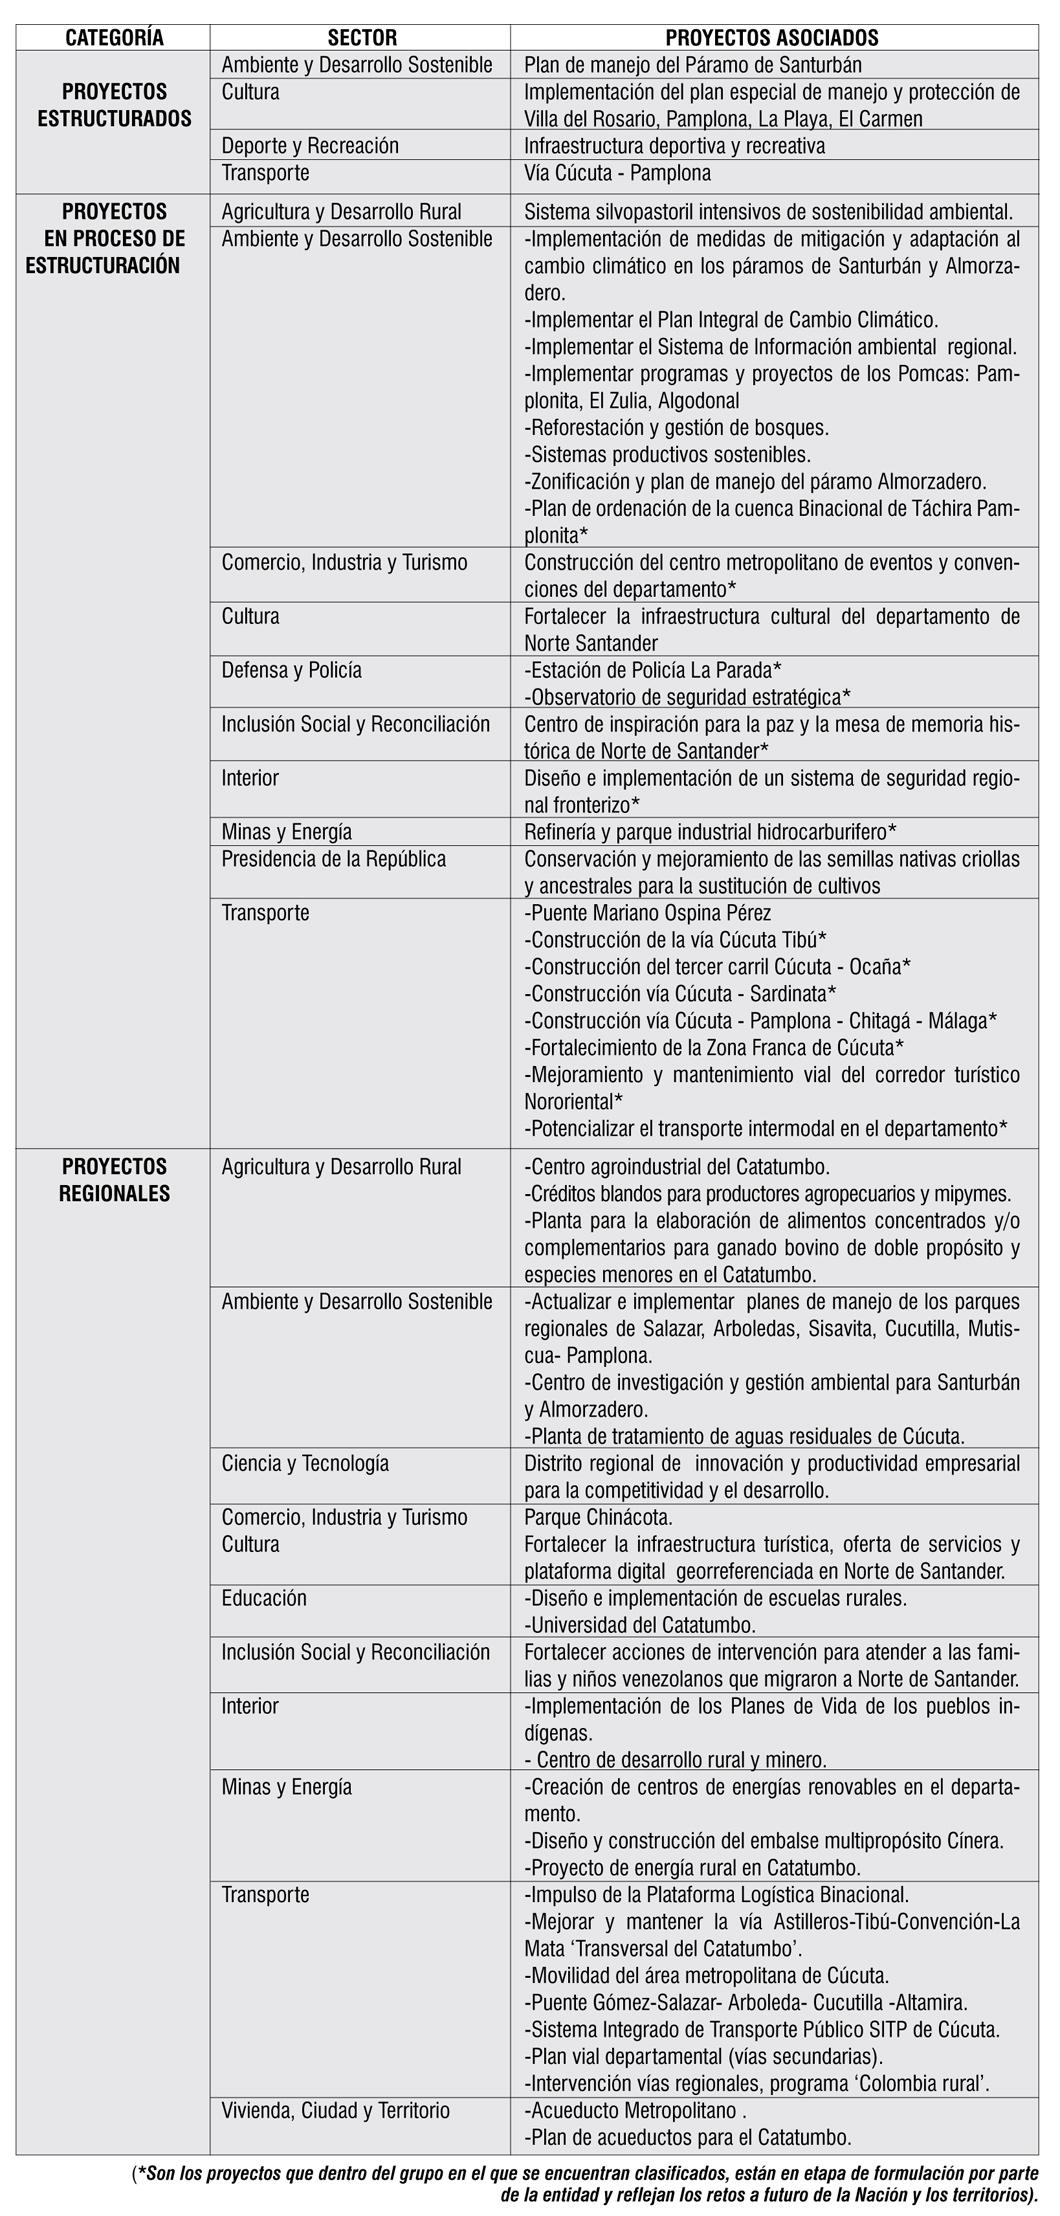 Plan de Desarrollo, por ahora, solo intenciones para Norte de Santander